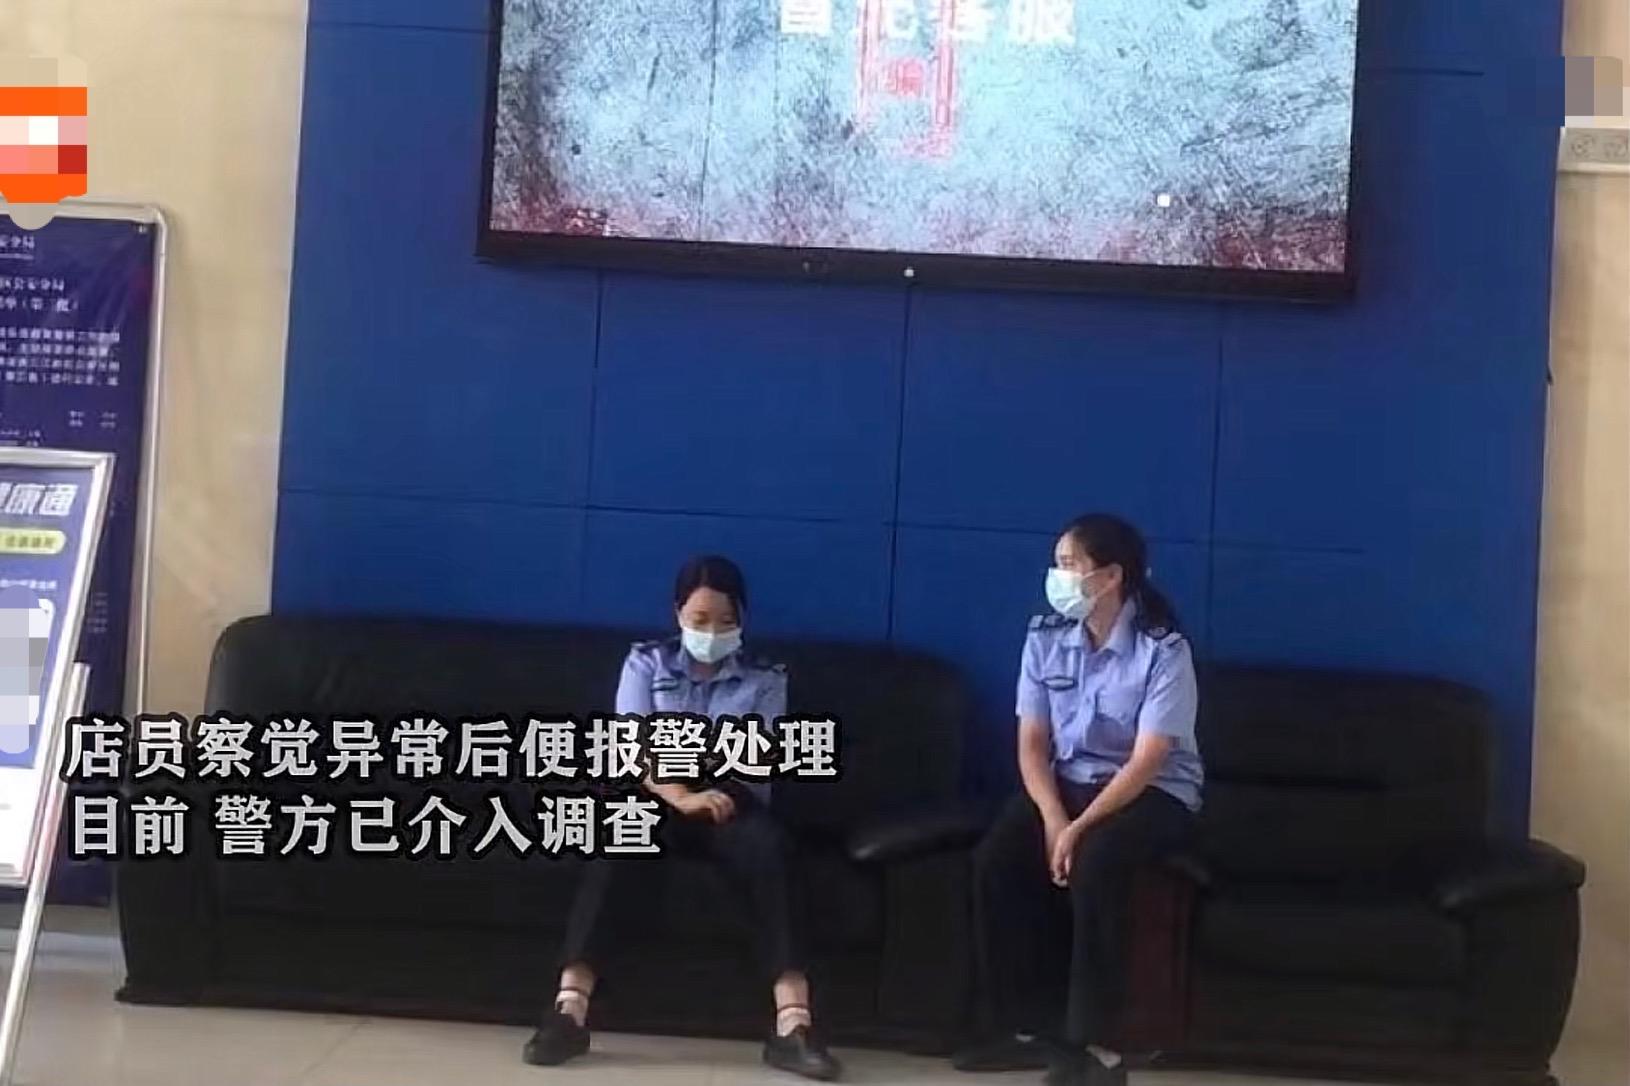 啥操作?四川两姐妹偷衣服被曝光,竟假扮警察到店付款,要求店主删视频被抓